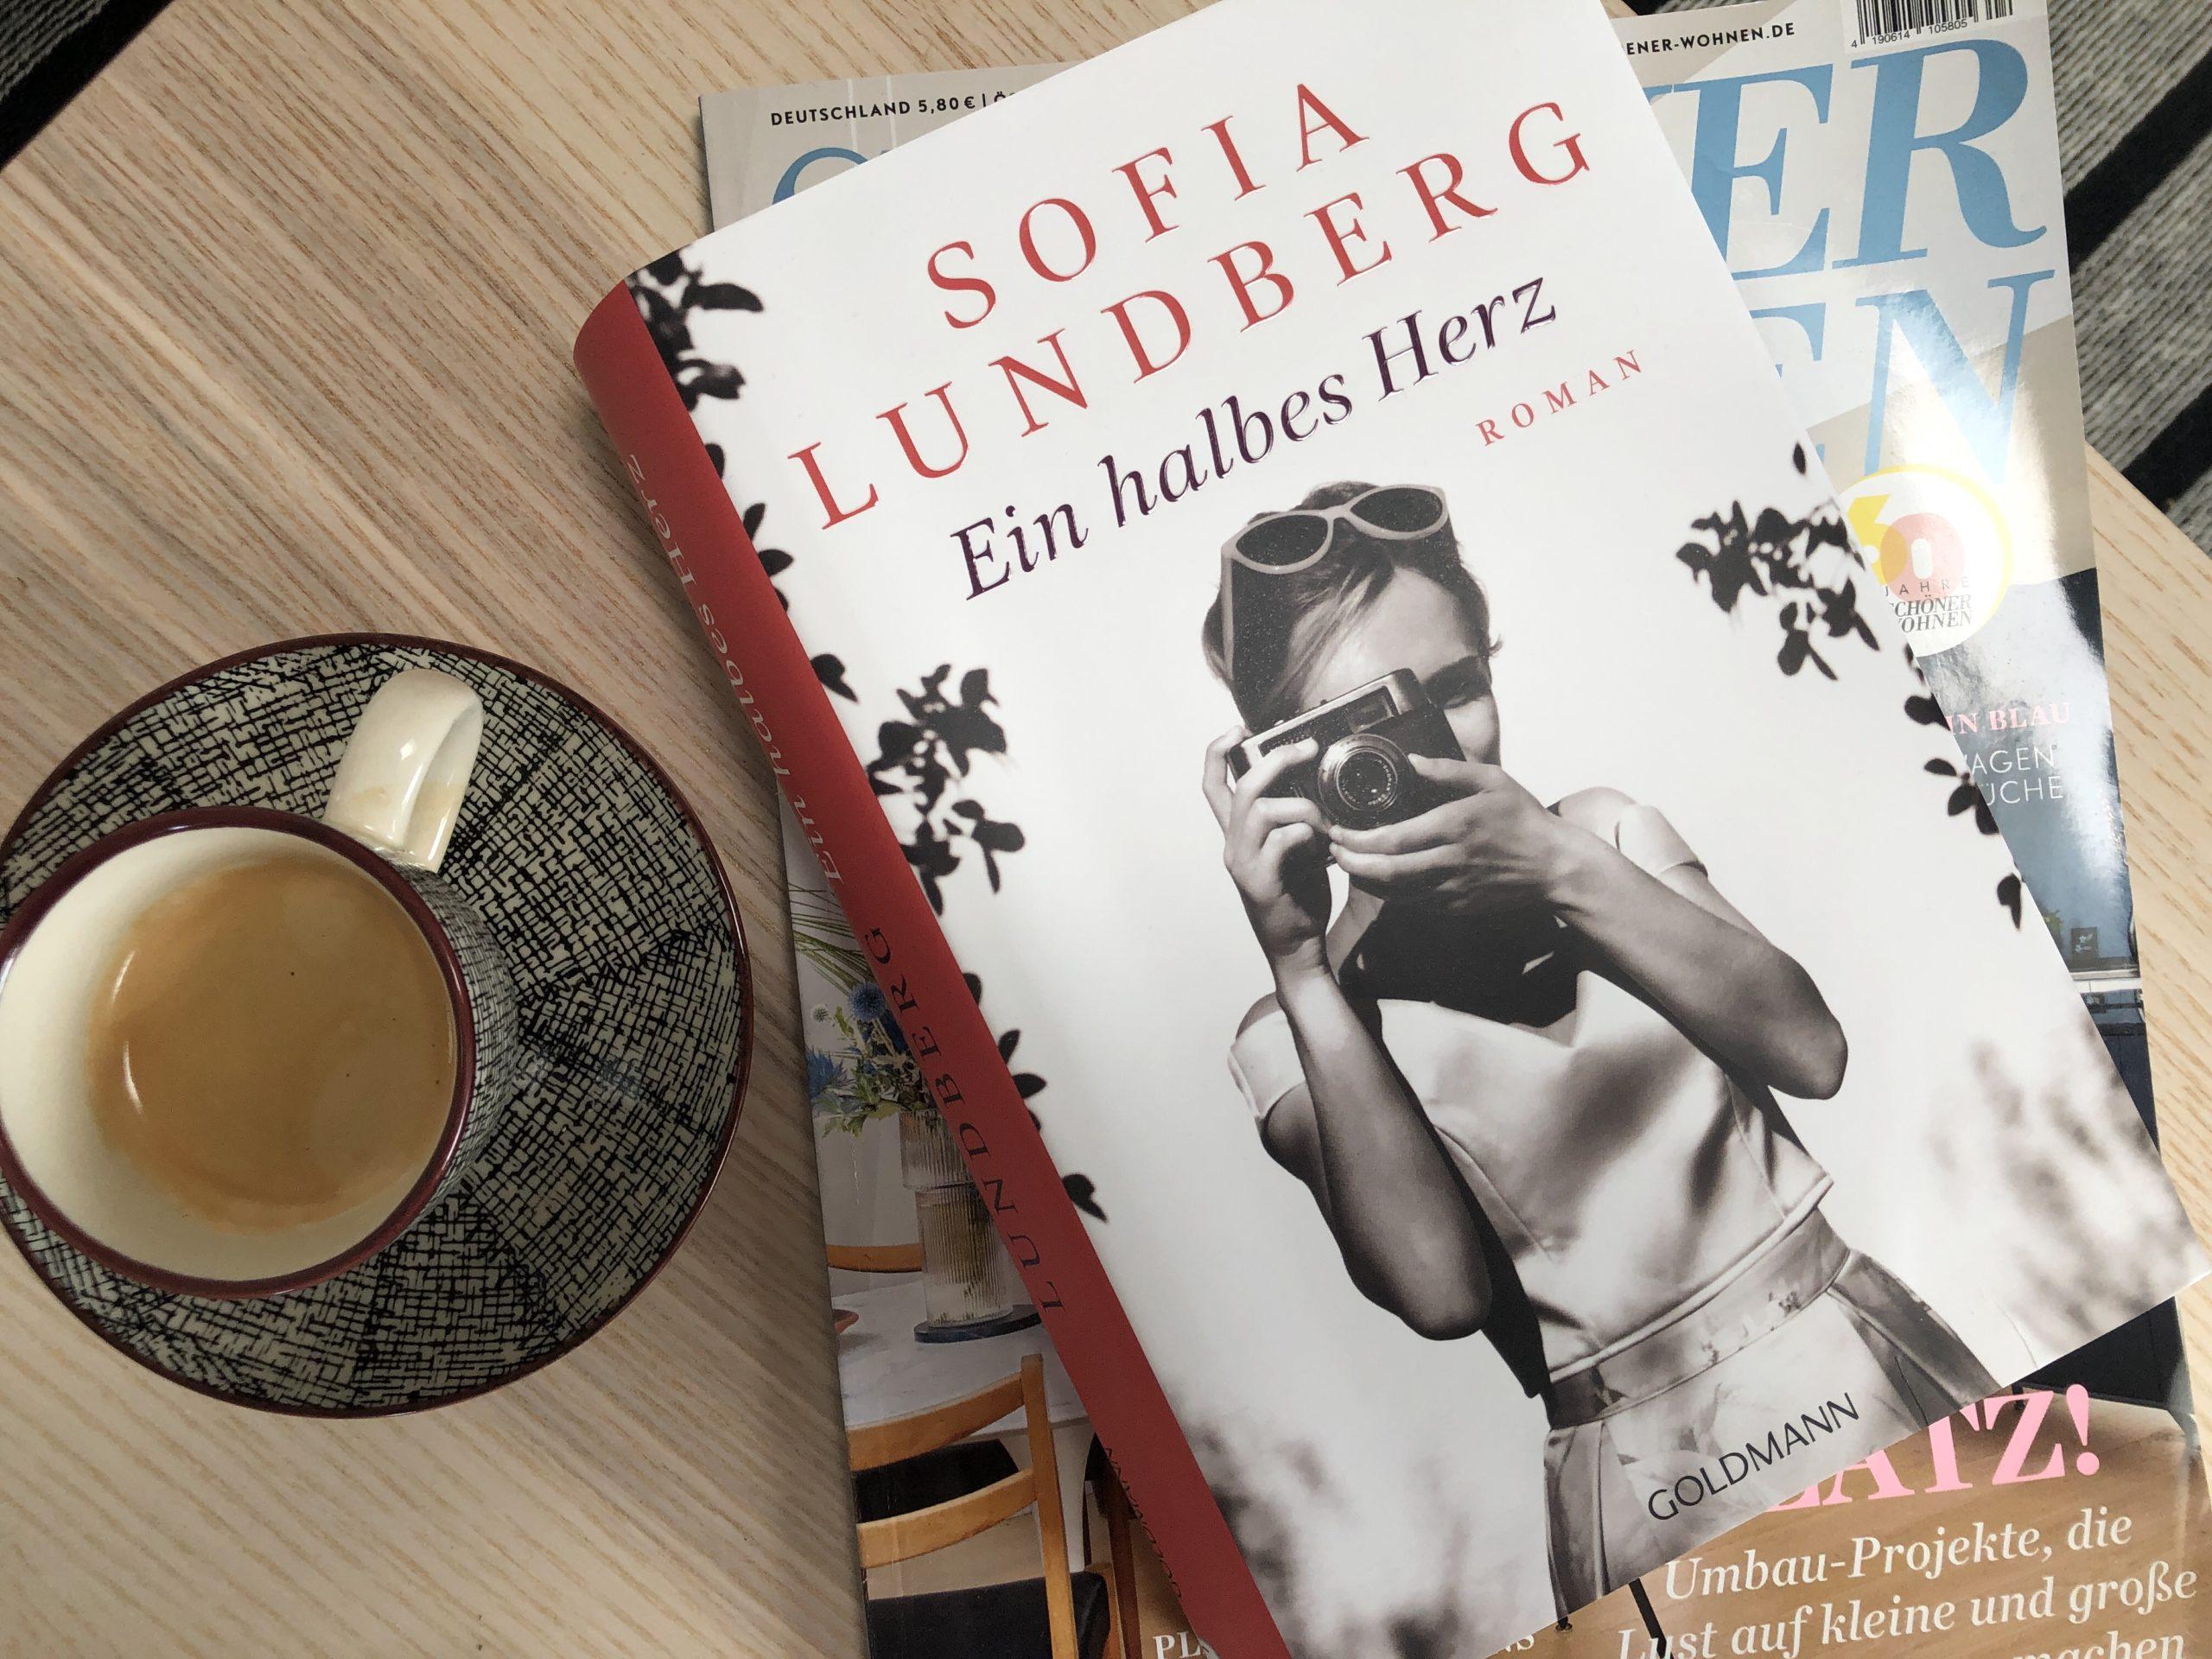 Sofia Lundberg - Ein halbes Herz